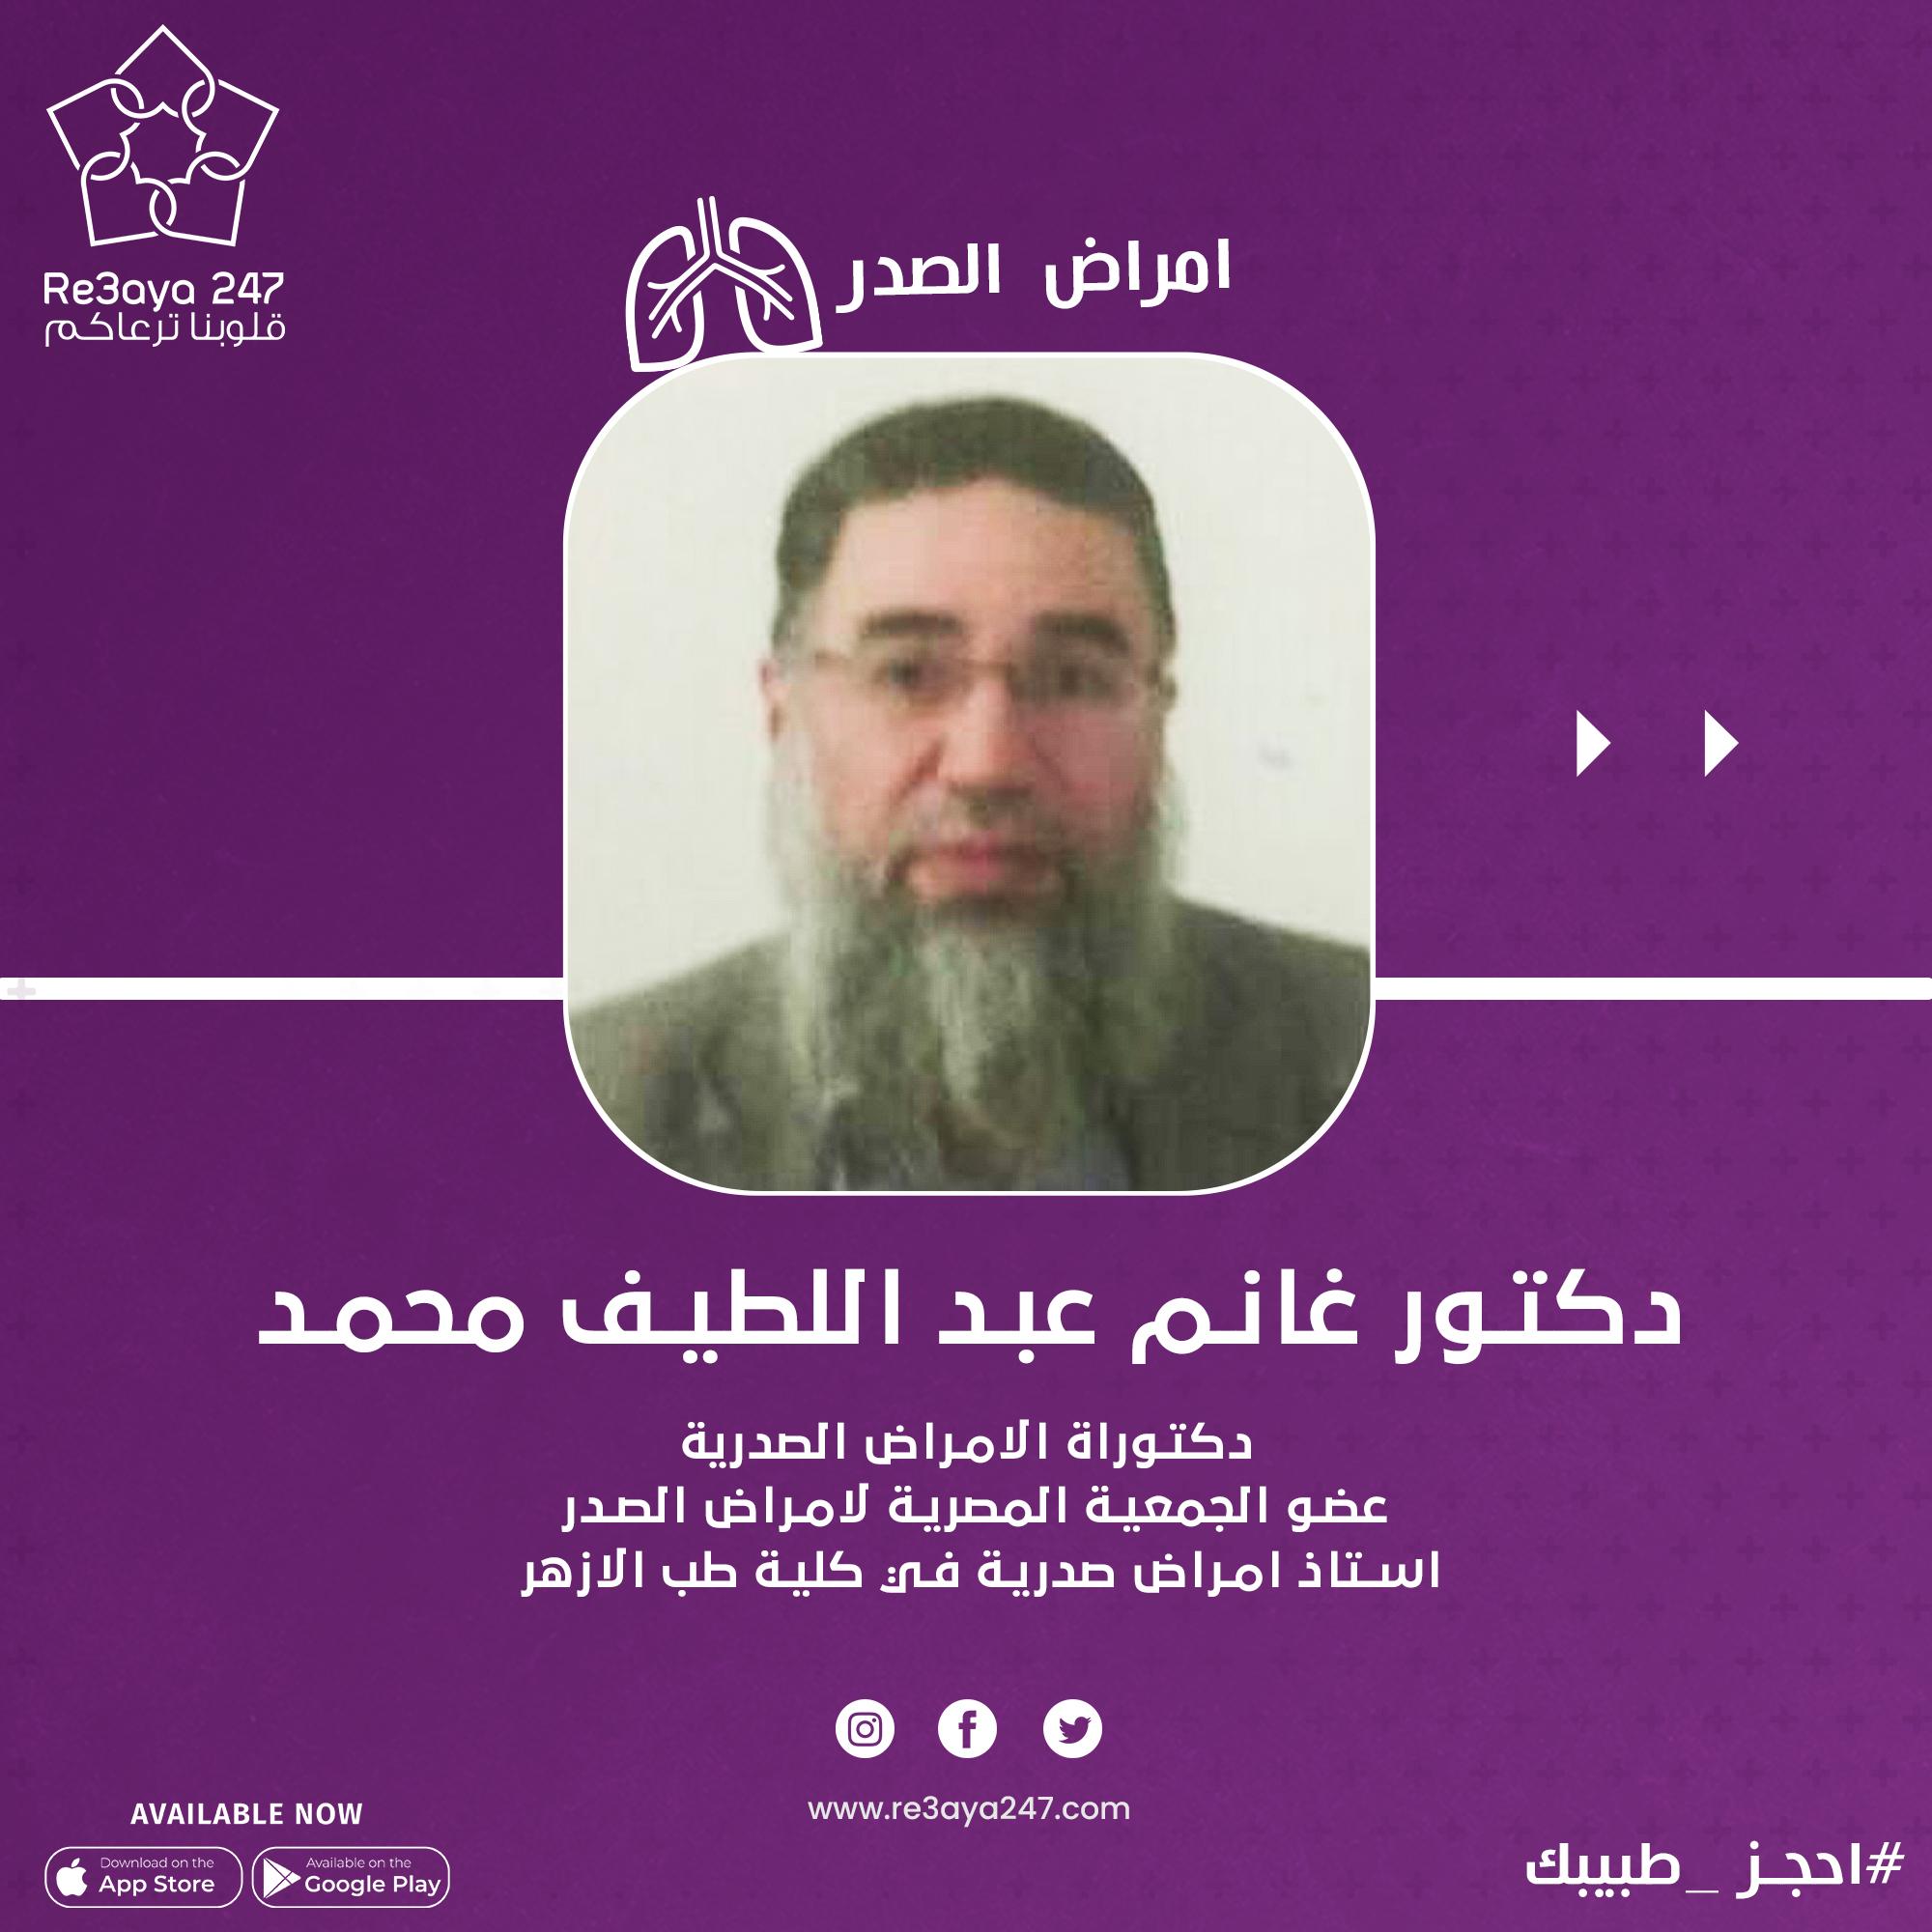 احجز مع د/غانم عبد اللطيف محمد